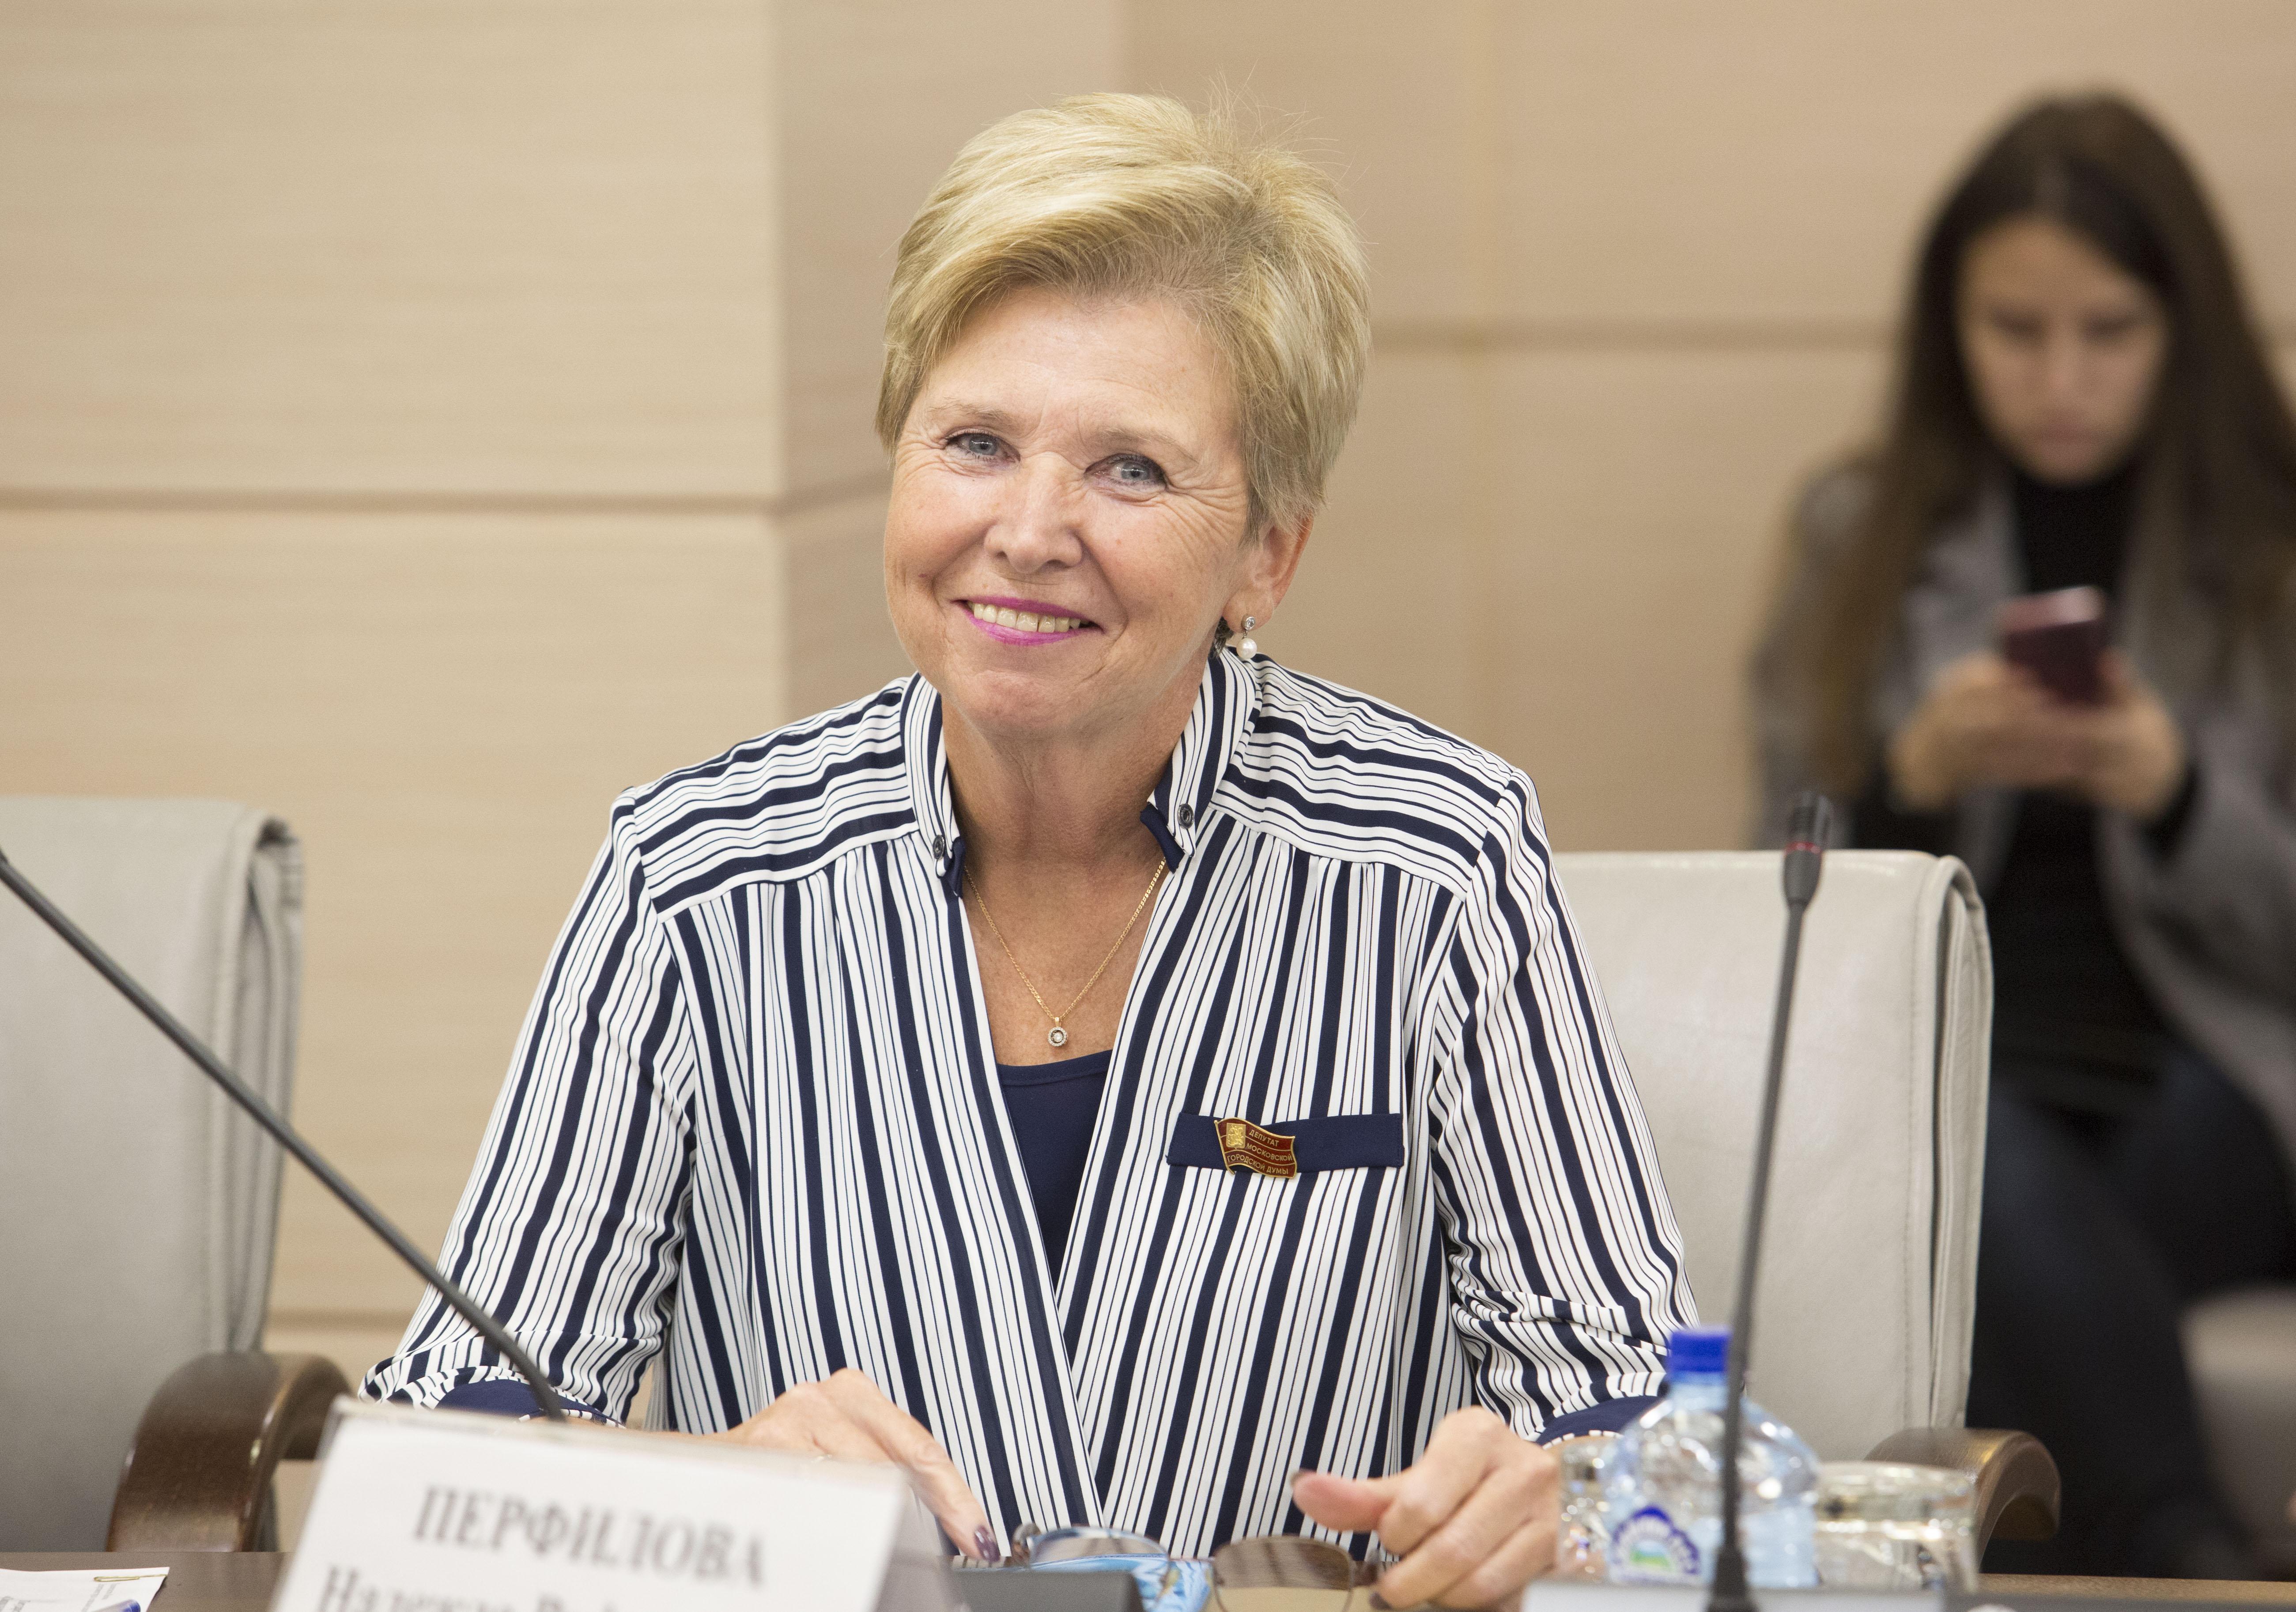 Депутат Мосгордумы Перфилова: Школы возвращаются к привычной работе с соблюдением всех мер безопасности